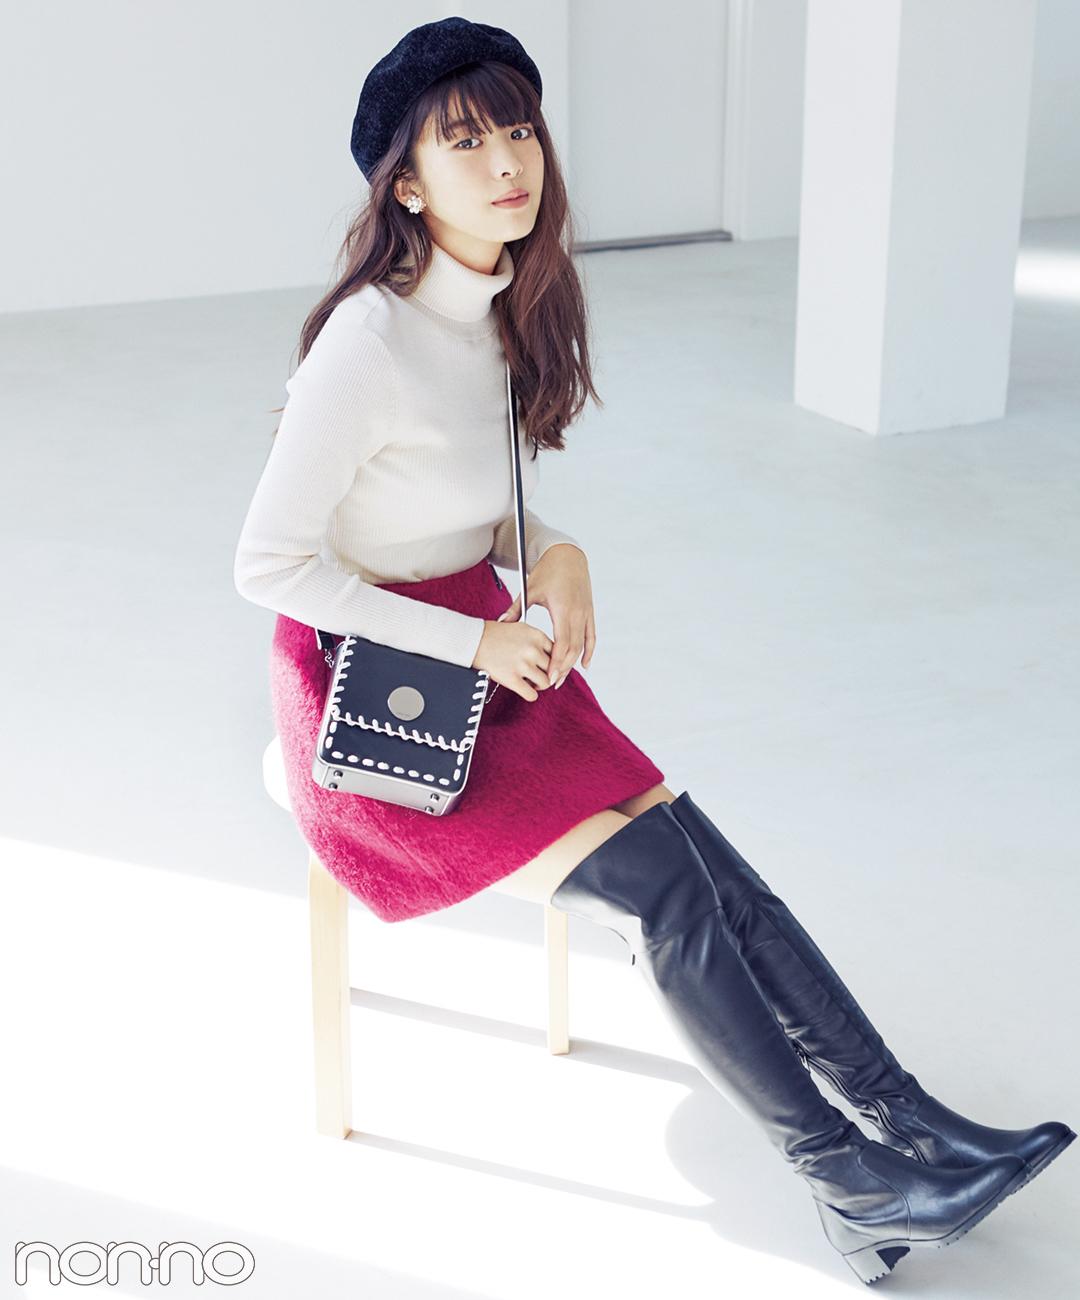 【ピンクスカートコーデ】ピンクのミニスカートには黒小物でアクセントを★